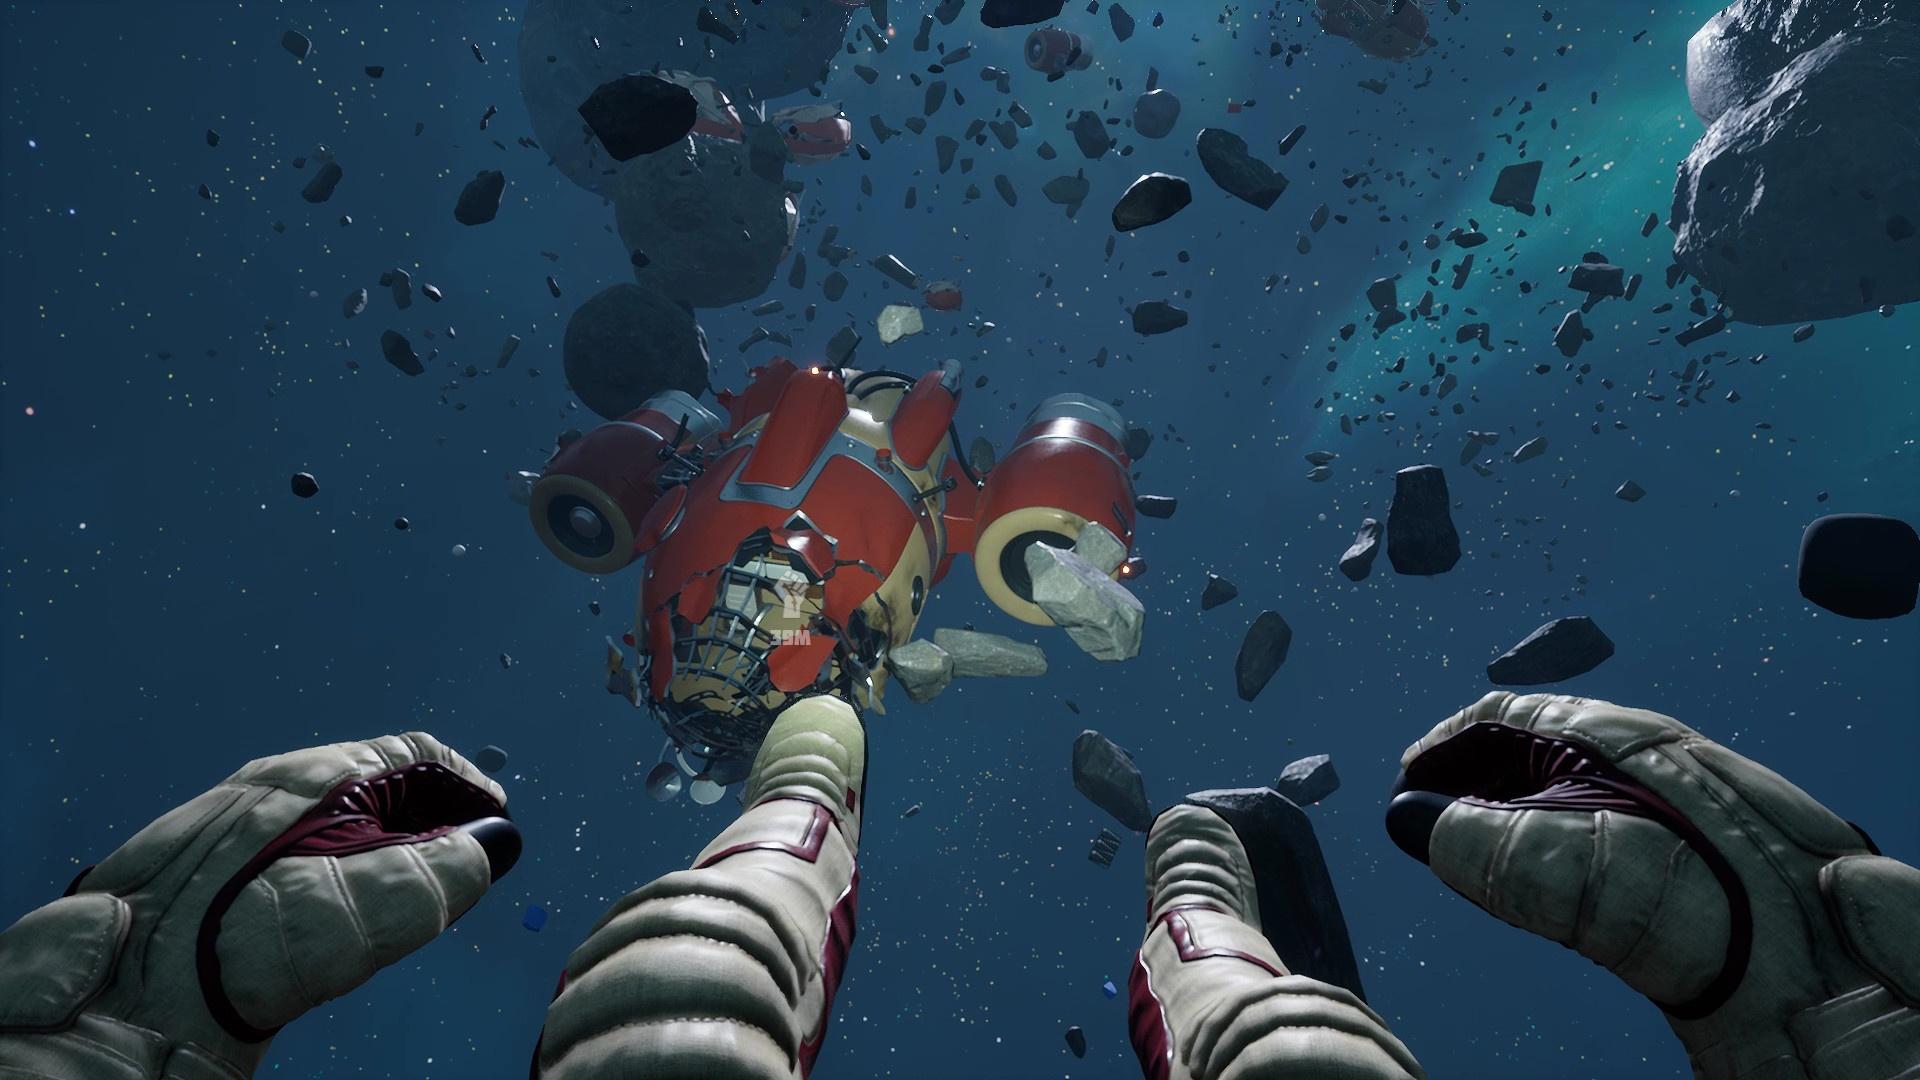 В новом трейлере Breathedge космонавт отдыхает в ванне на поверхности астероида